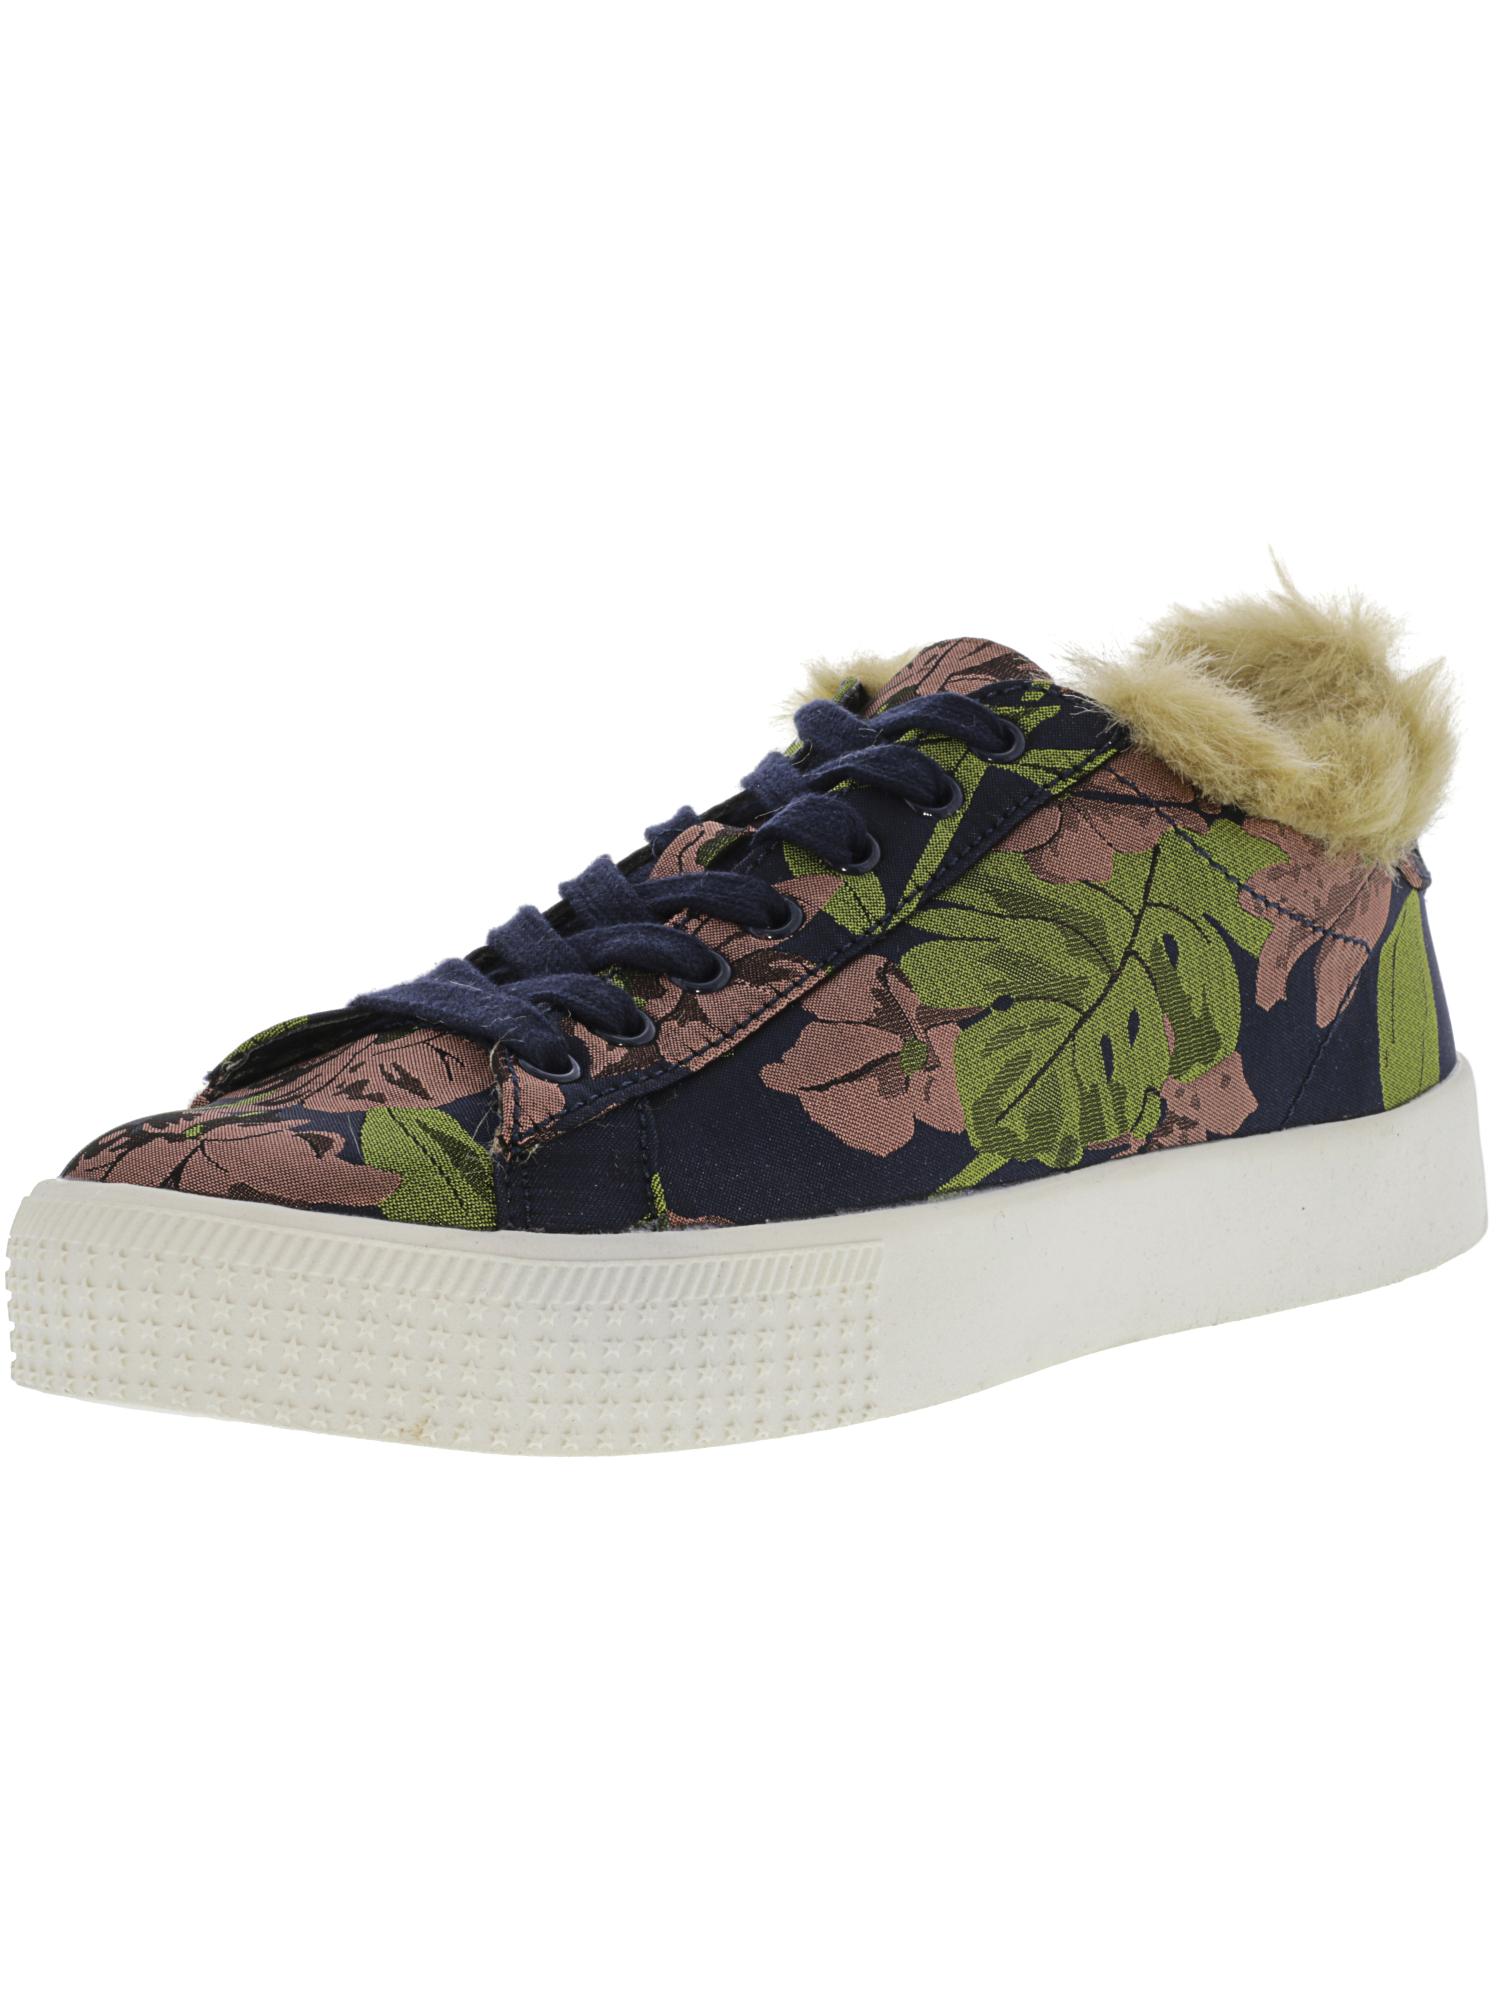 87eb965079f Steve Madden Women s Jordy Ankle-High Fashion Sneaker